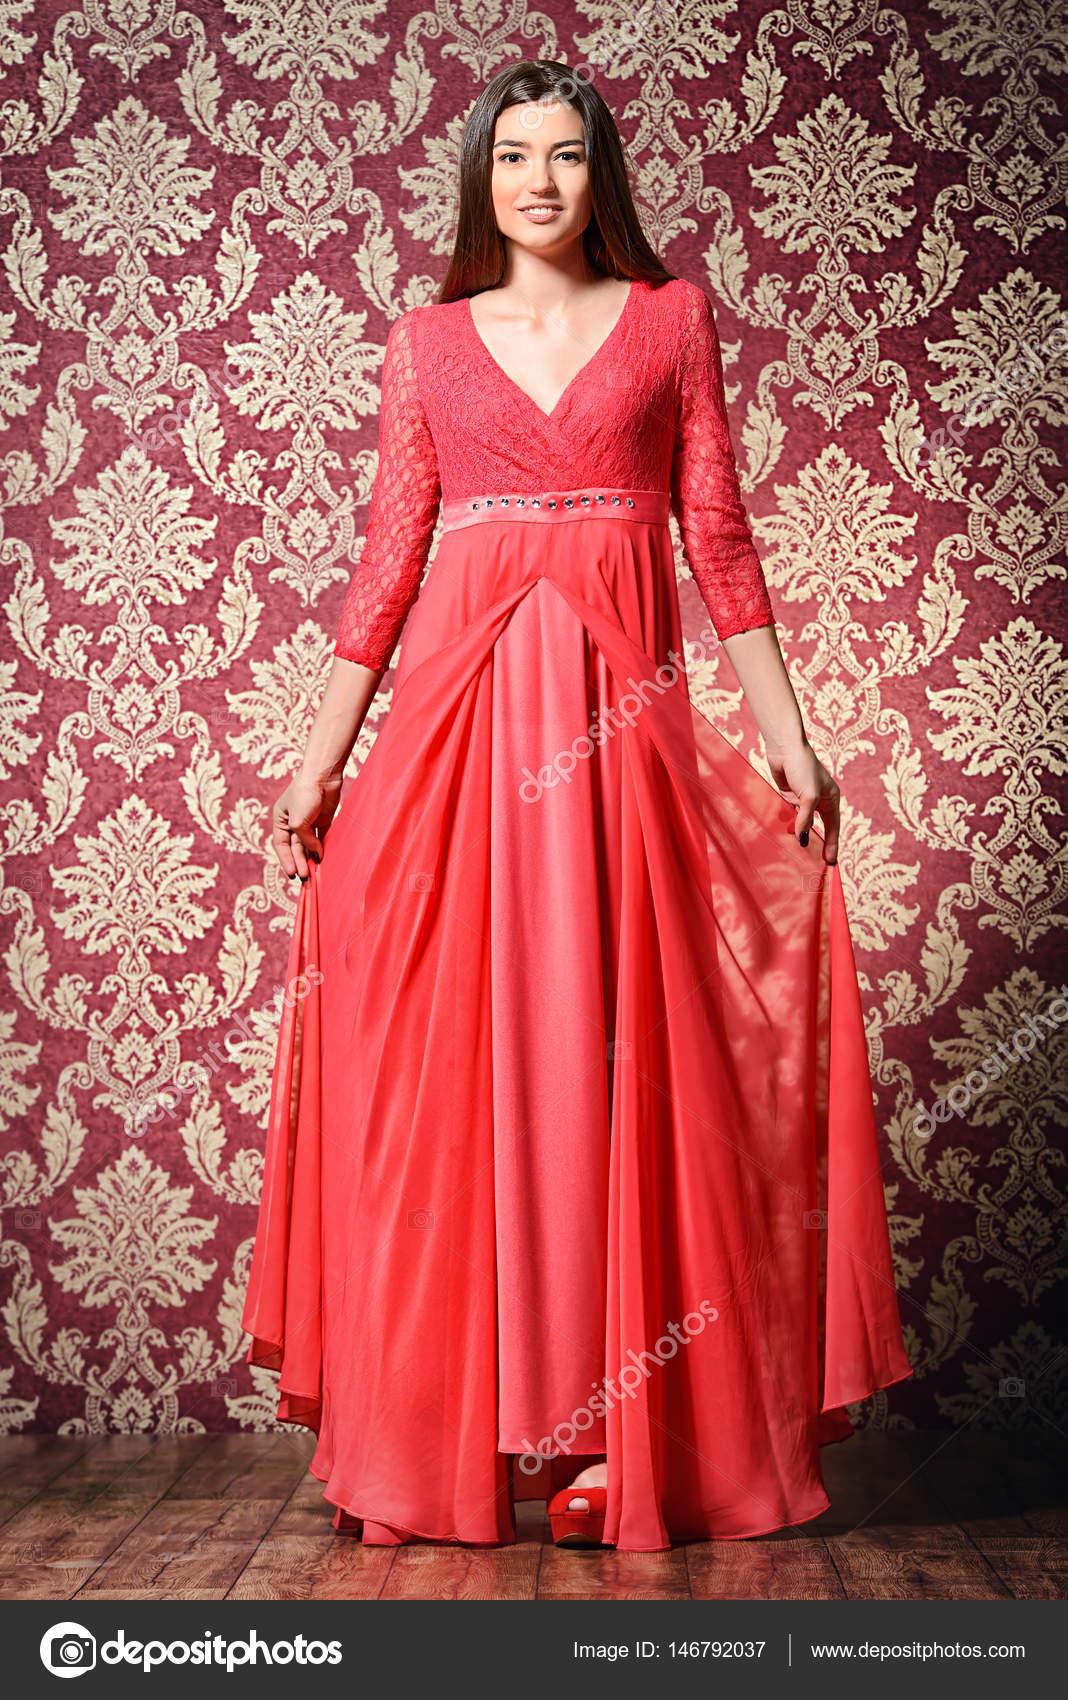 b64c6c8b35 jedwabna suknia wieczorowa — Zdjęcie stockowe © prometeus  146792037